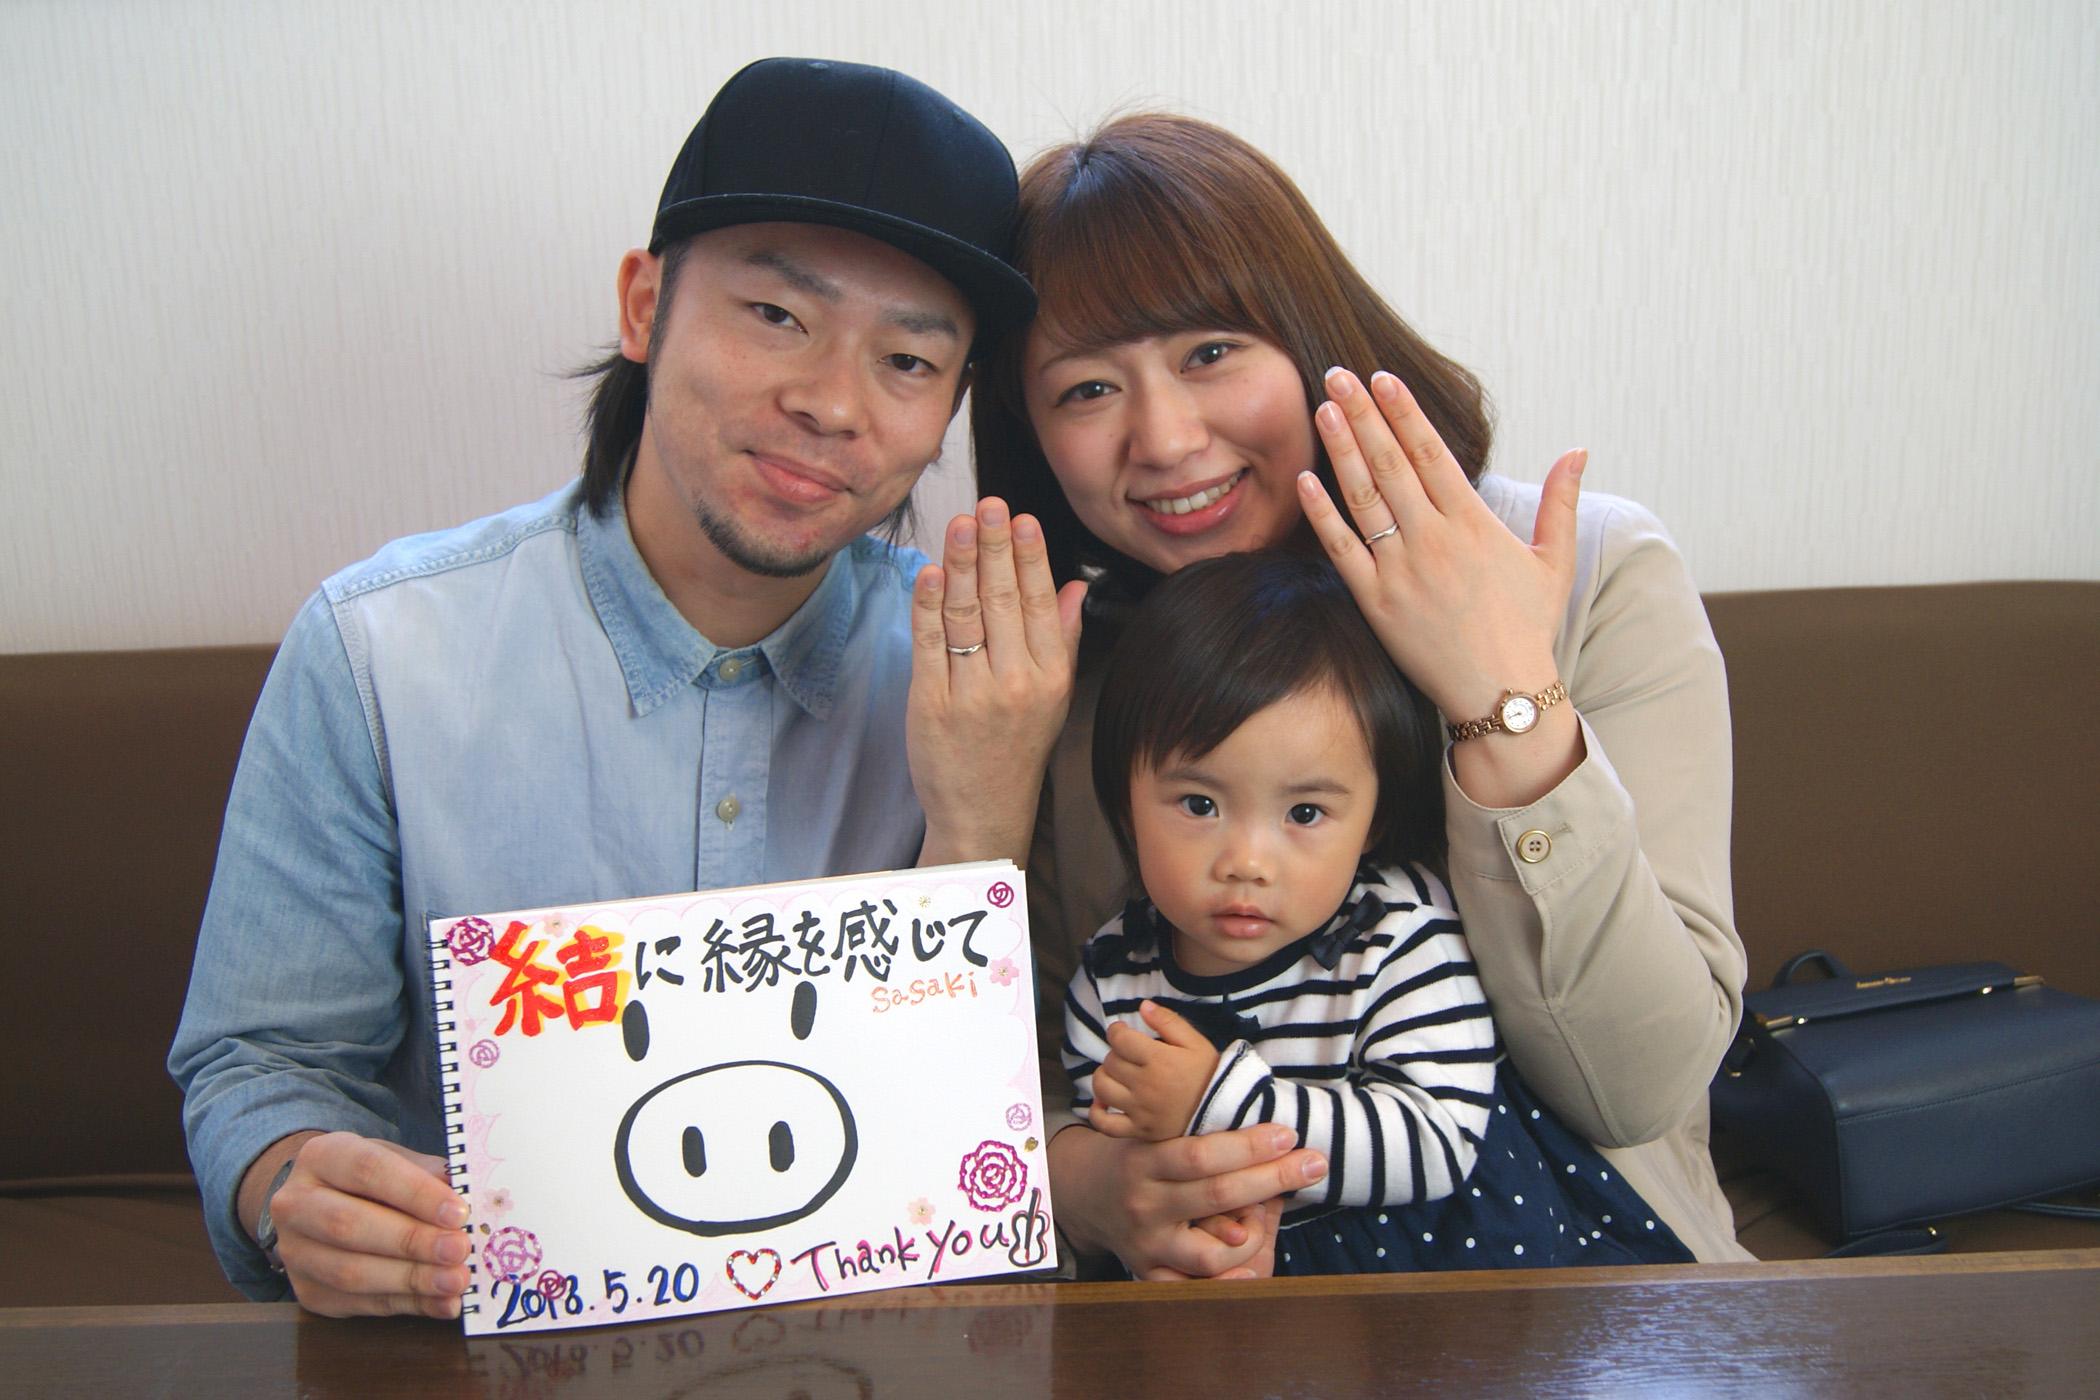 福島市からお越しの佐々木さんご夫妻